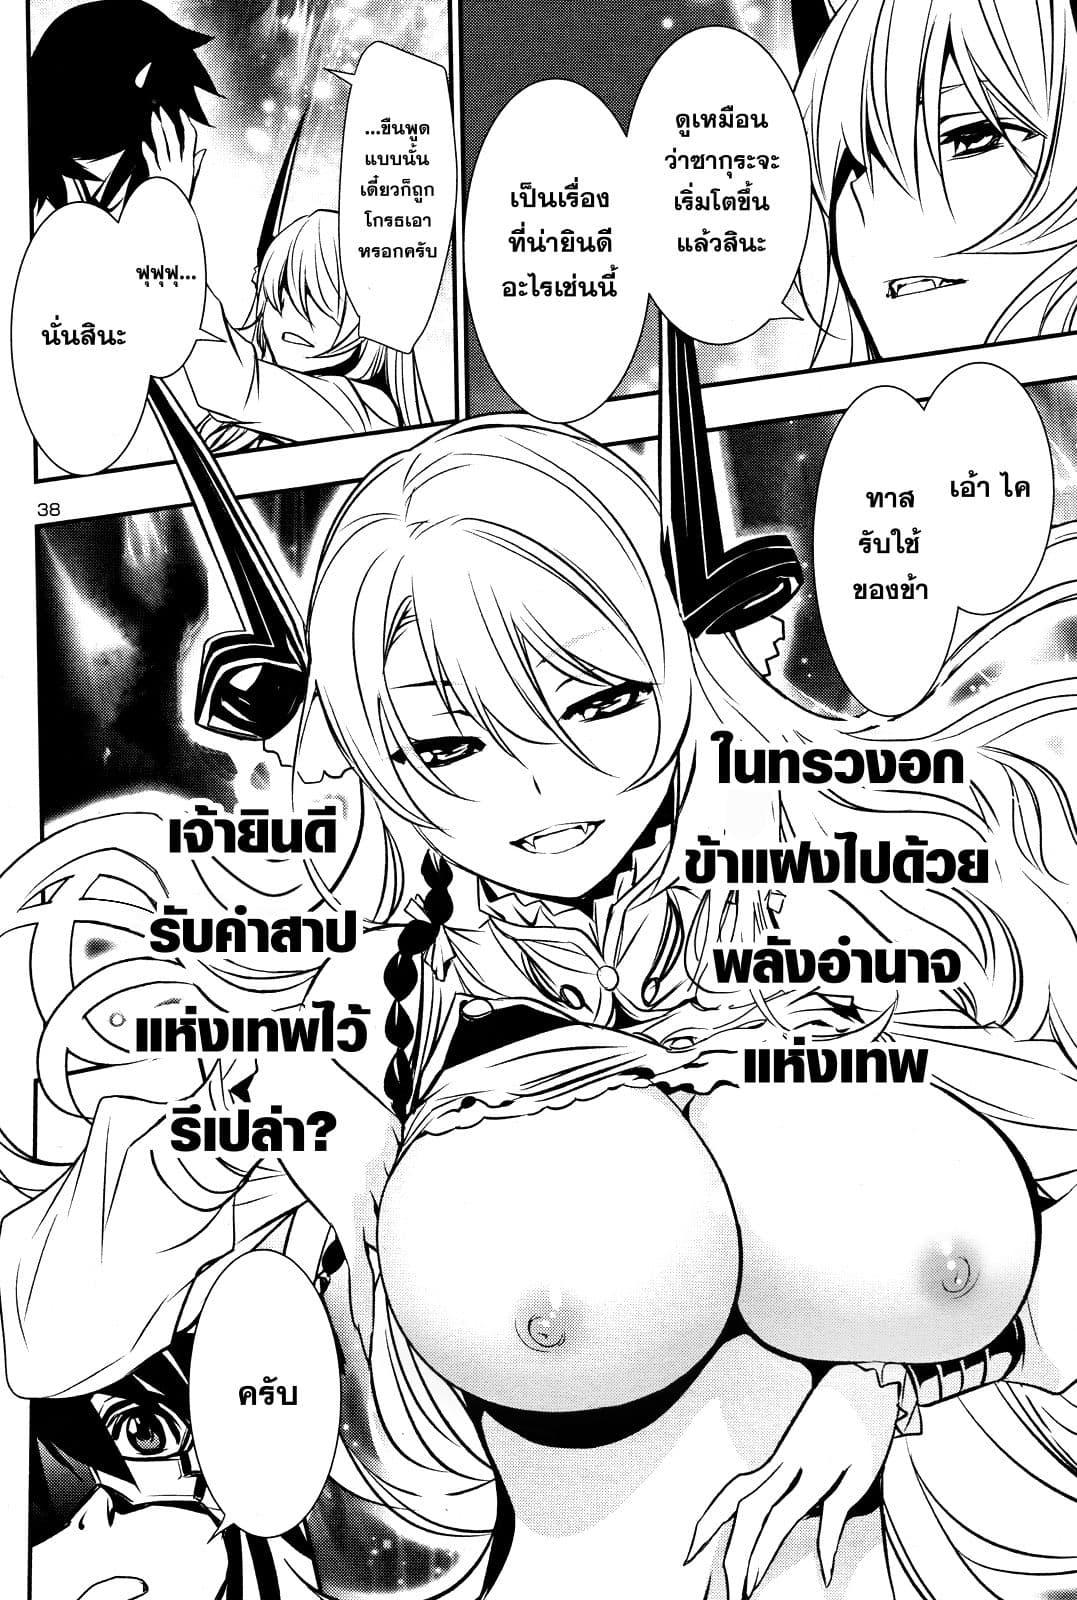 อ่านการ์ตูน Shinju no Nectar ตอนที่ 14 หน้าที่ 38